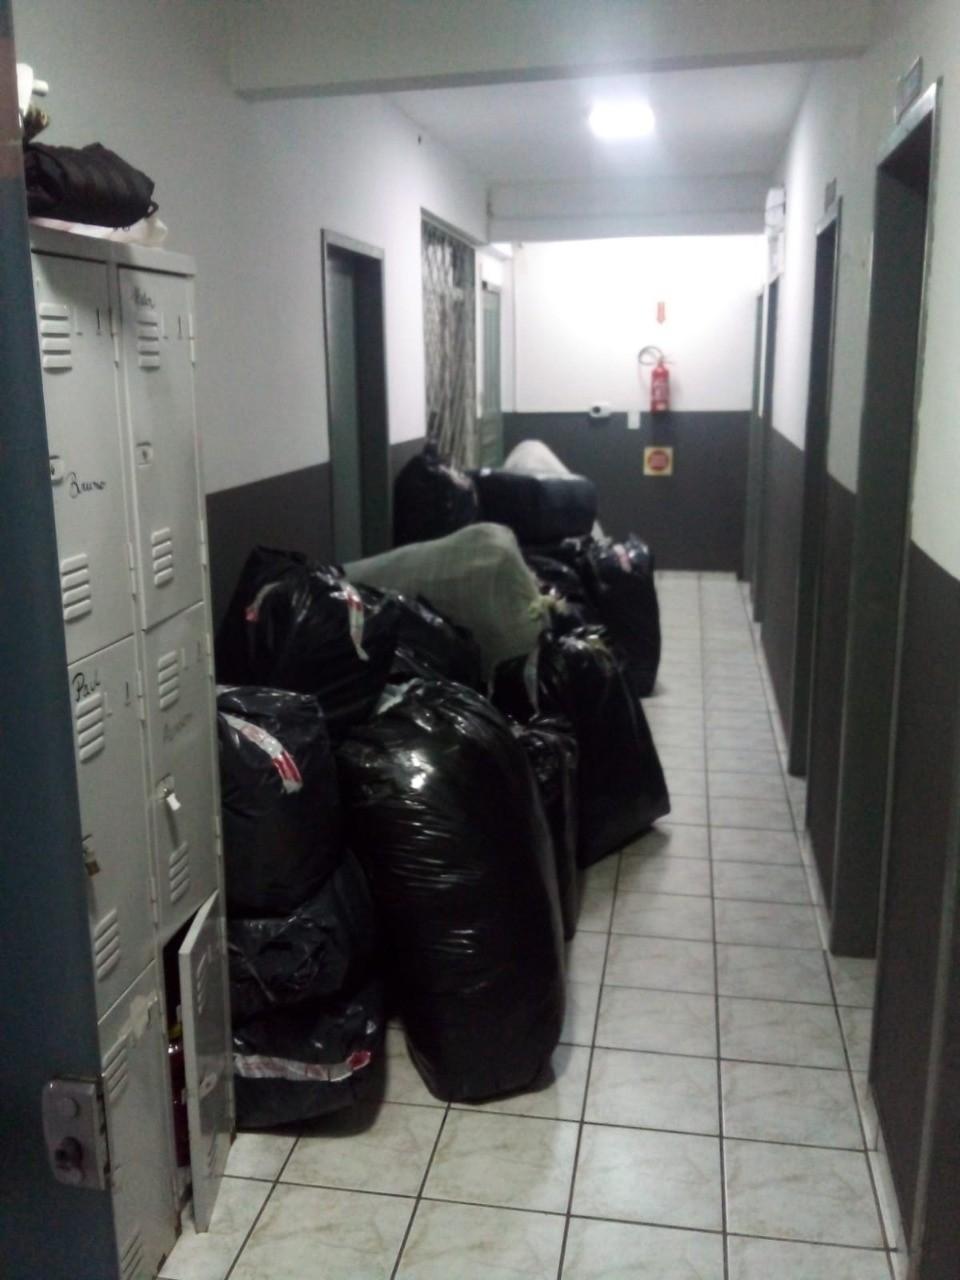 Carga com roupas sem notas fiscais é apreendida durante fiscalicazação em SC